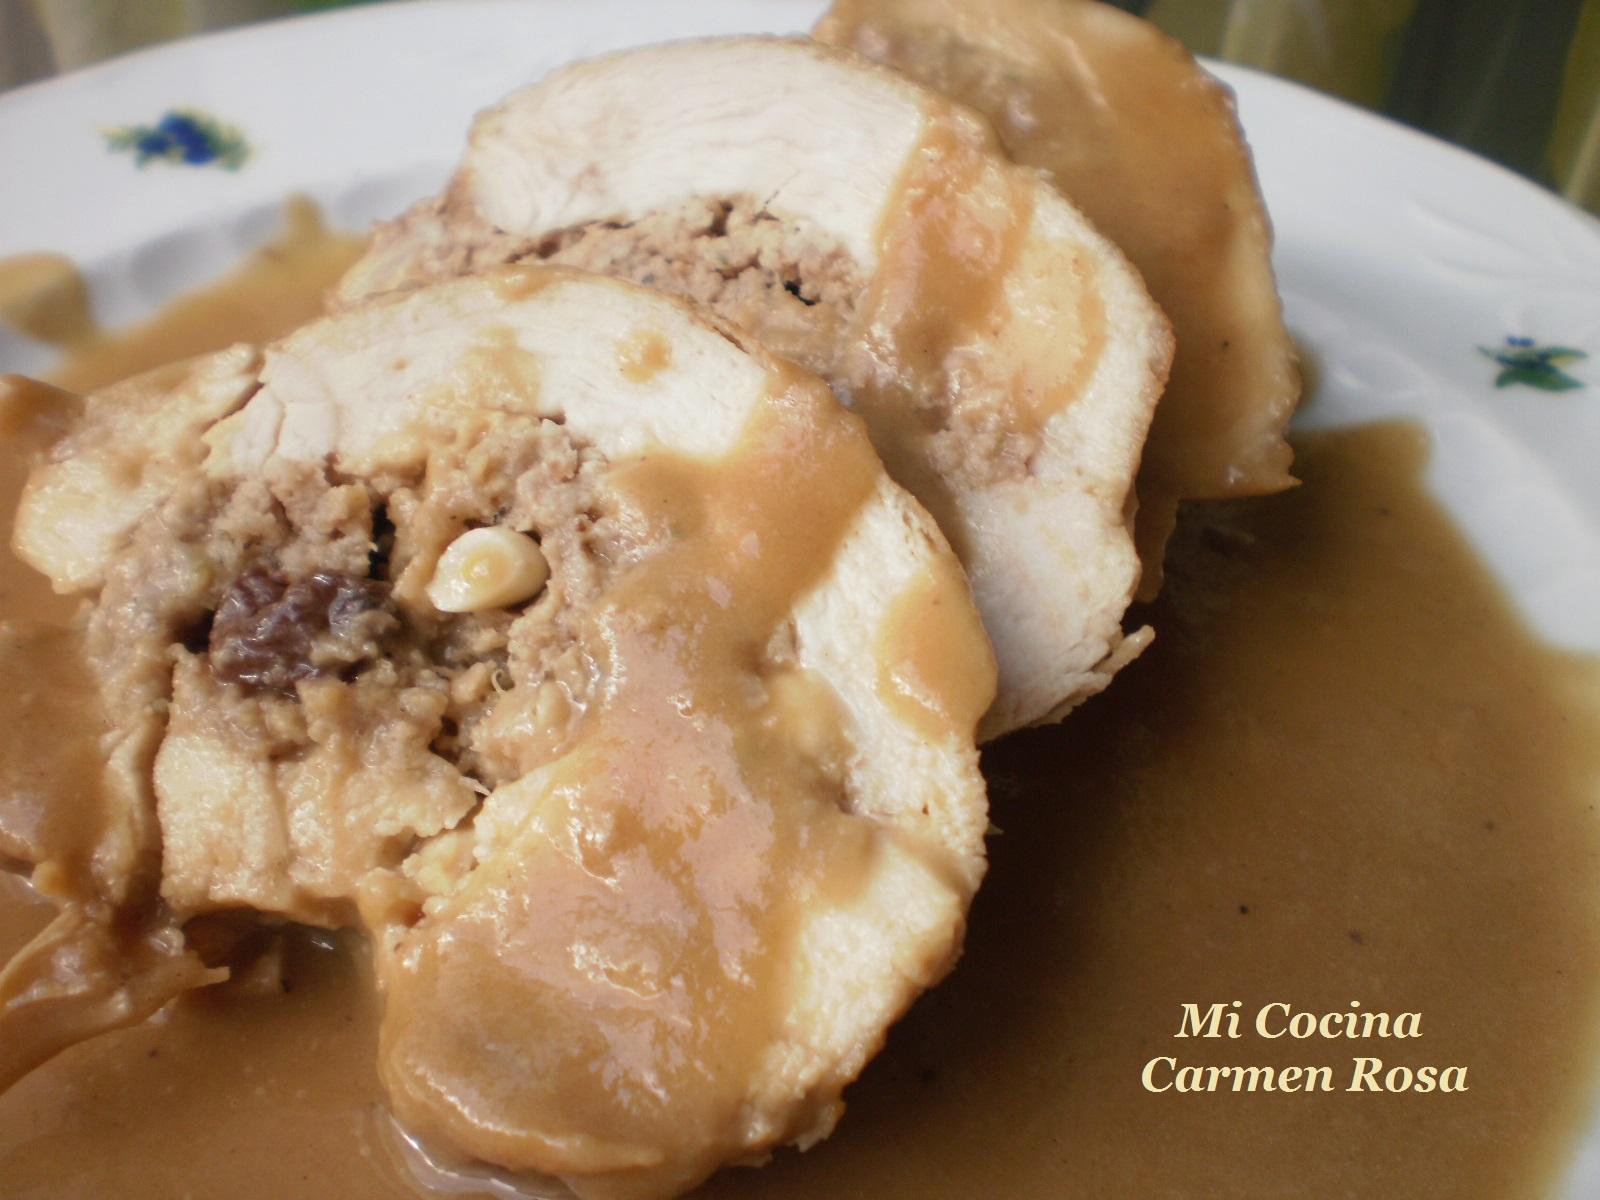 Mi cocina solomillo de cerdo relleno de casta as pasas y for Mi cocina malaga